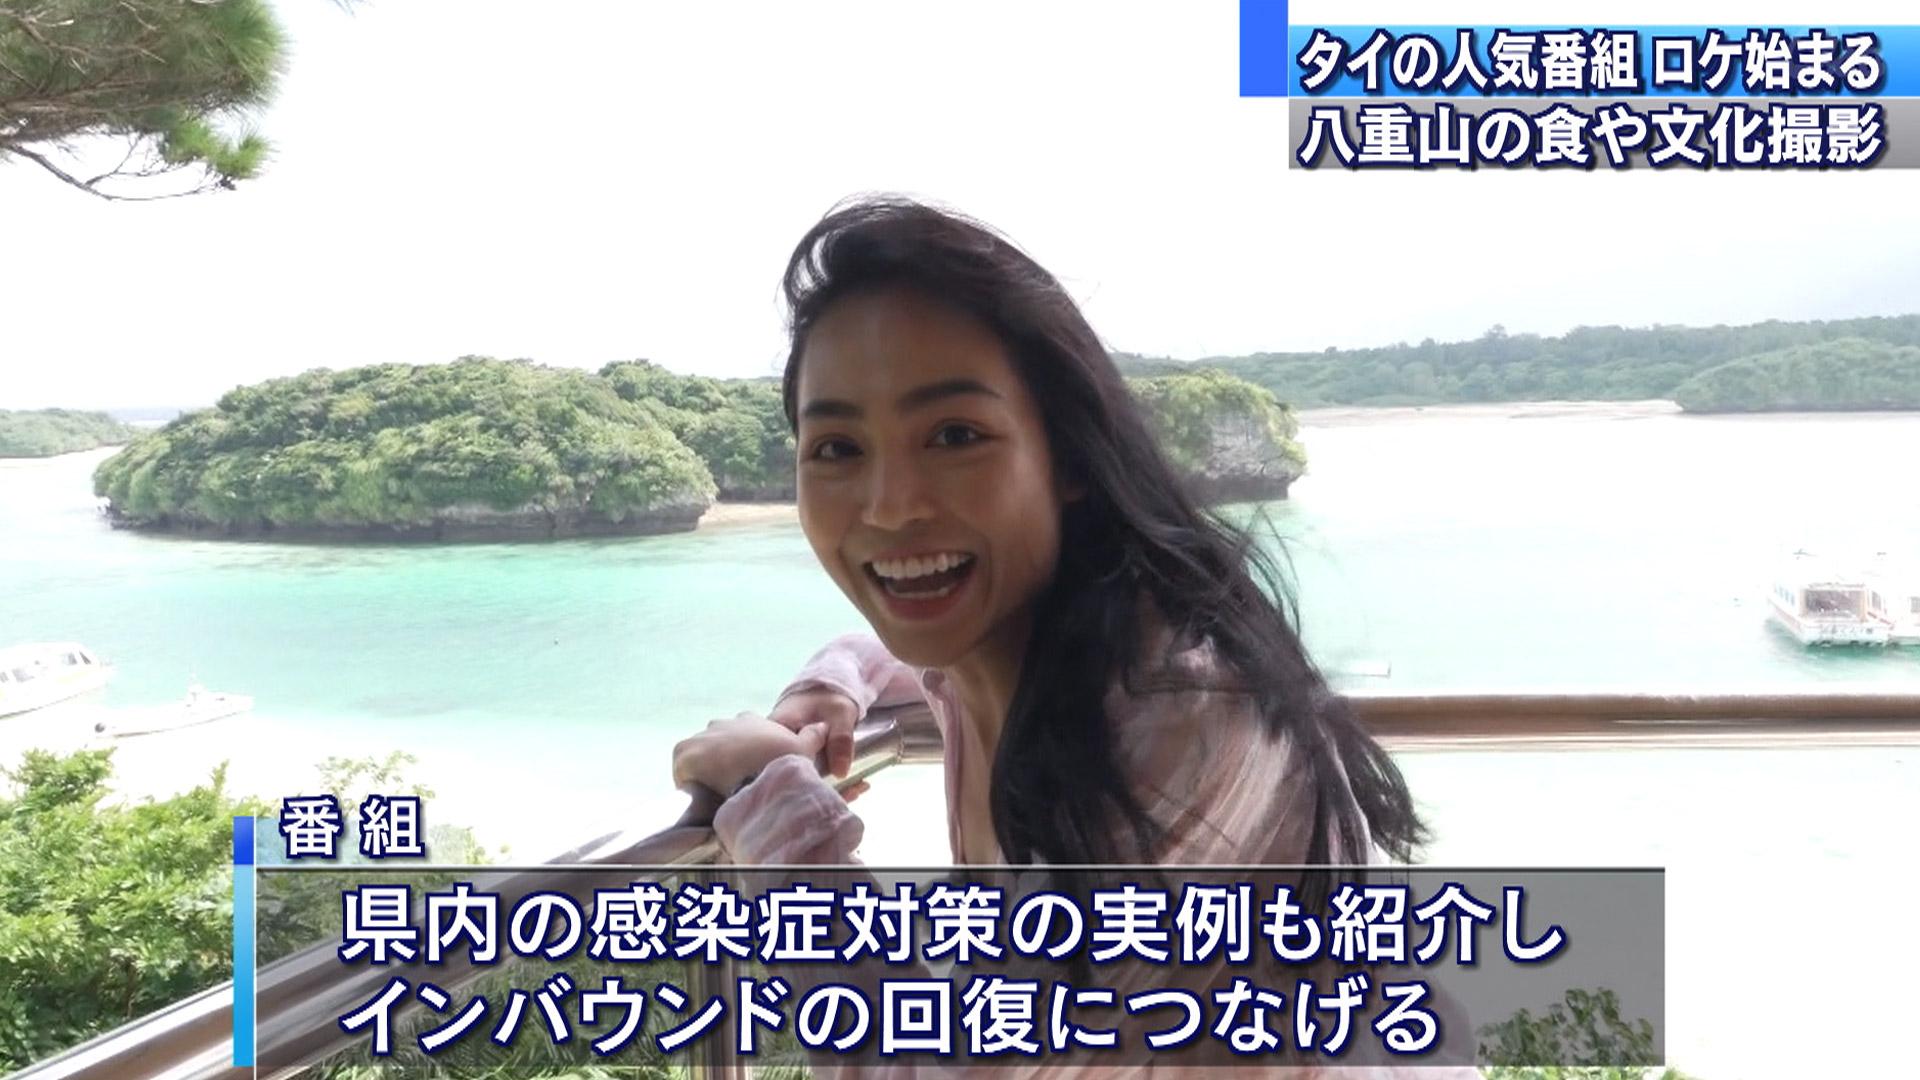 タイのテレビ番組 八重山ロケ始まる